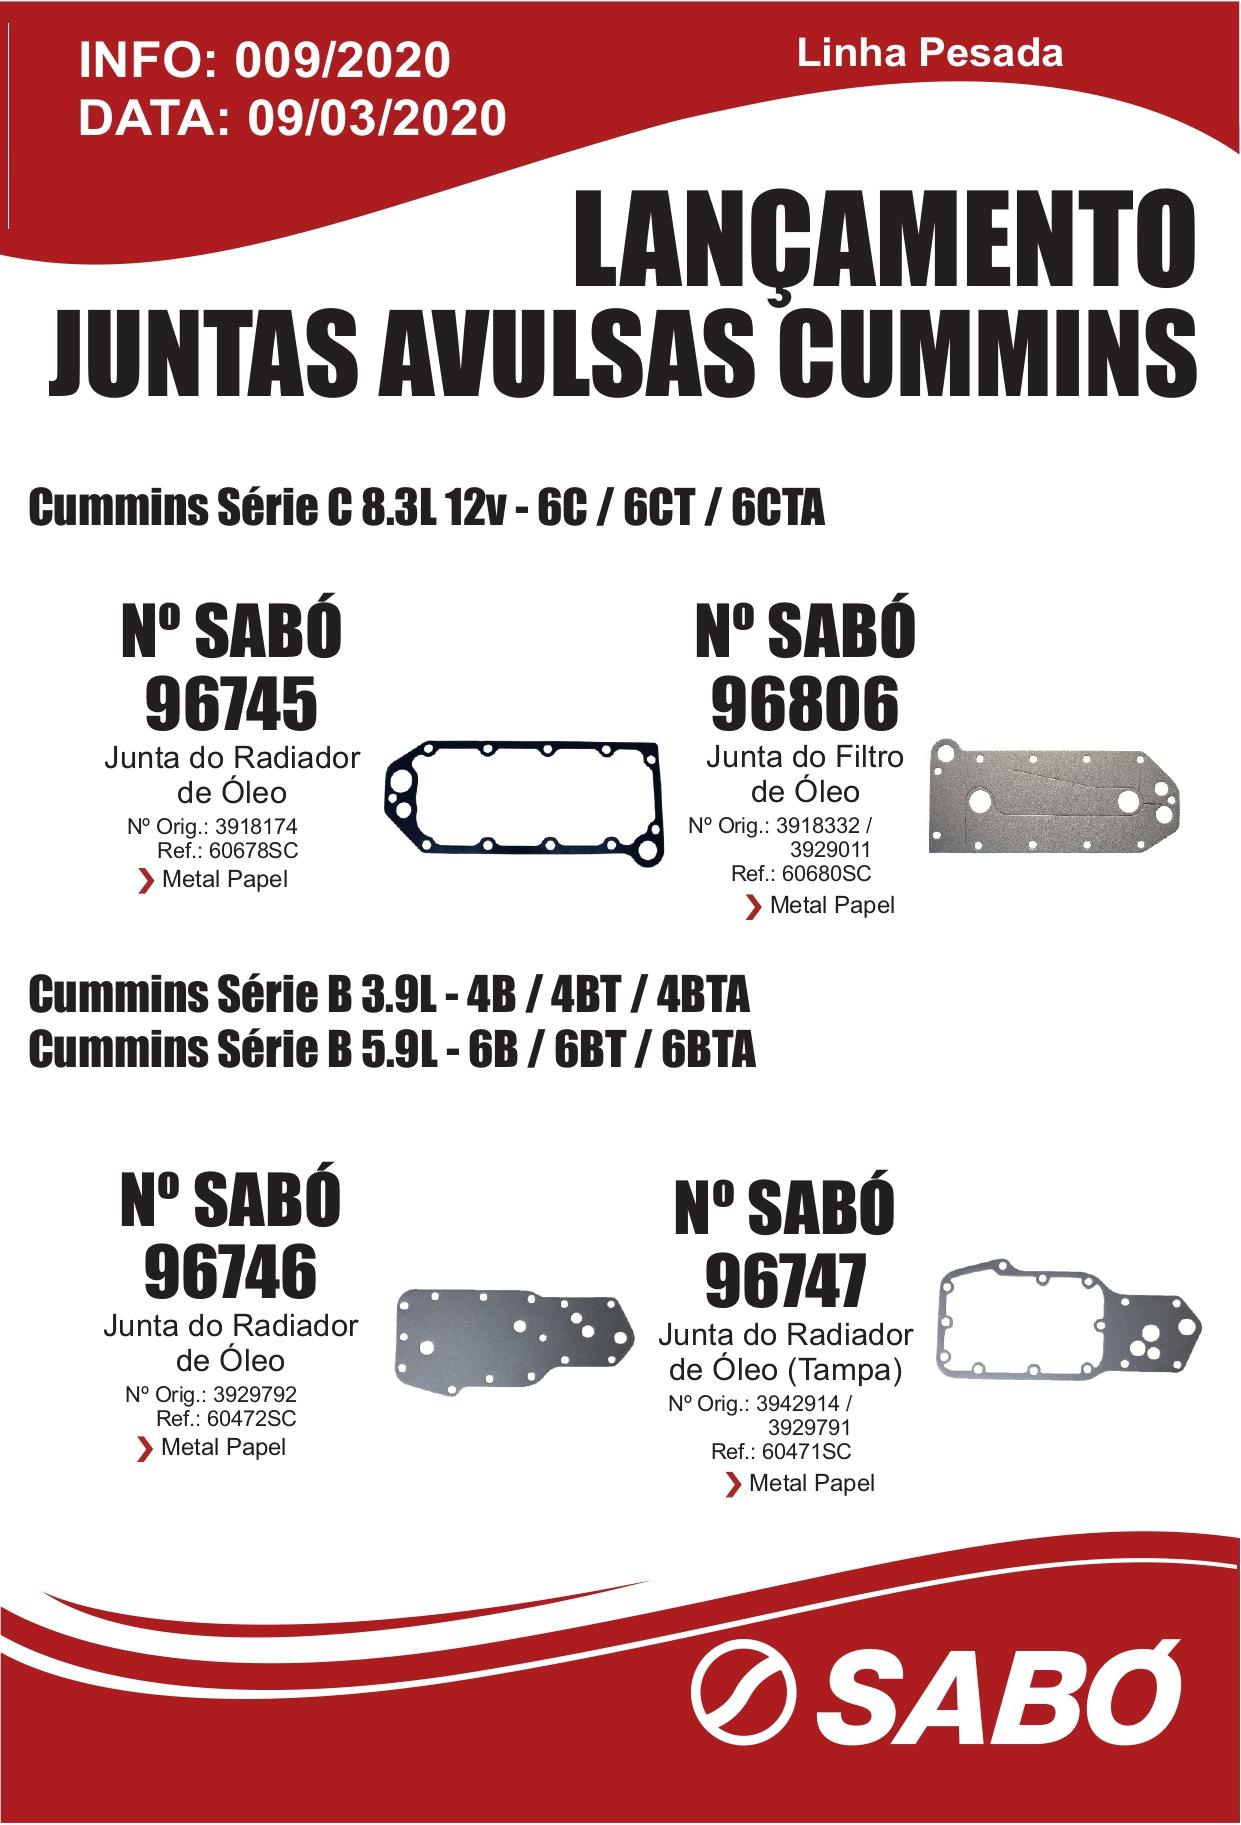 Info 009 - Juntas Avulsas Cummins_page-0001